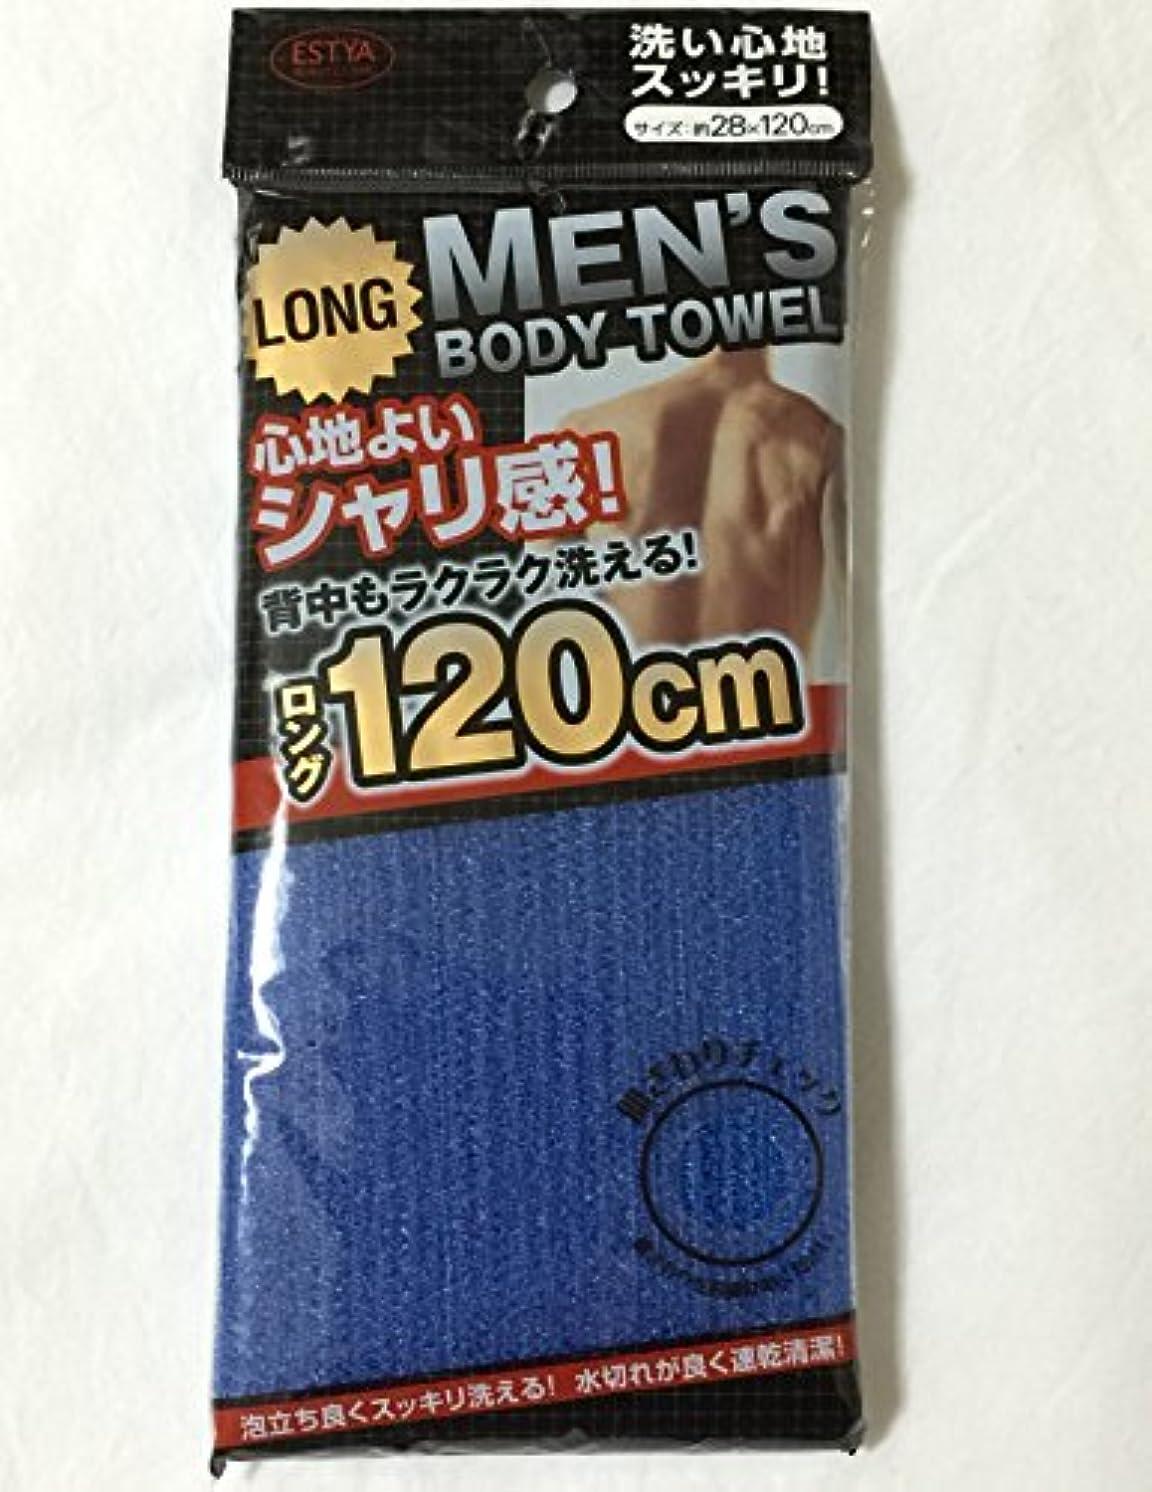 物語類似性エンコミウムメンズ ボディー  タオル 120cm ( かため ) スッキリ 爽快 ! 男性用 ロング ナイロン タオル